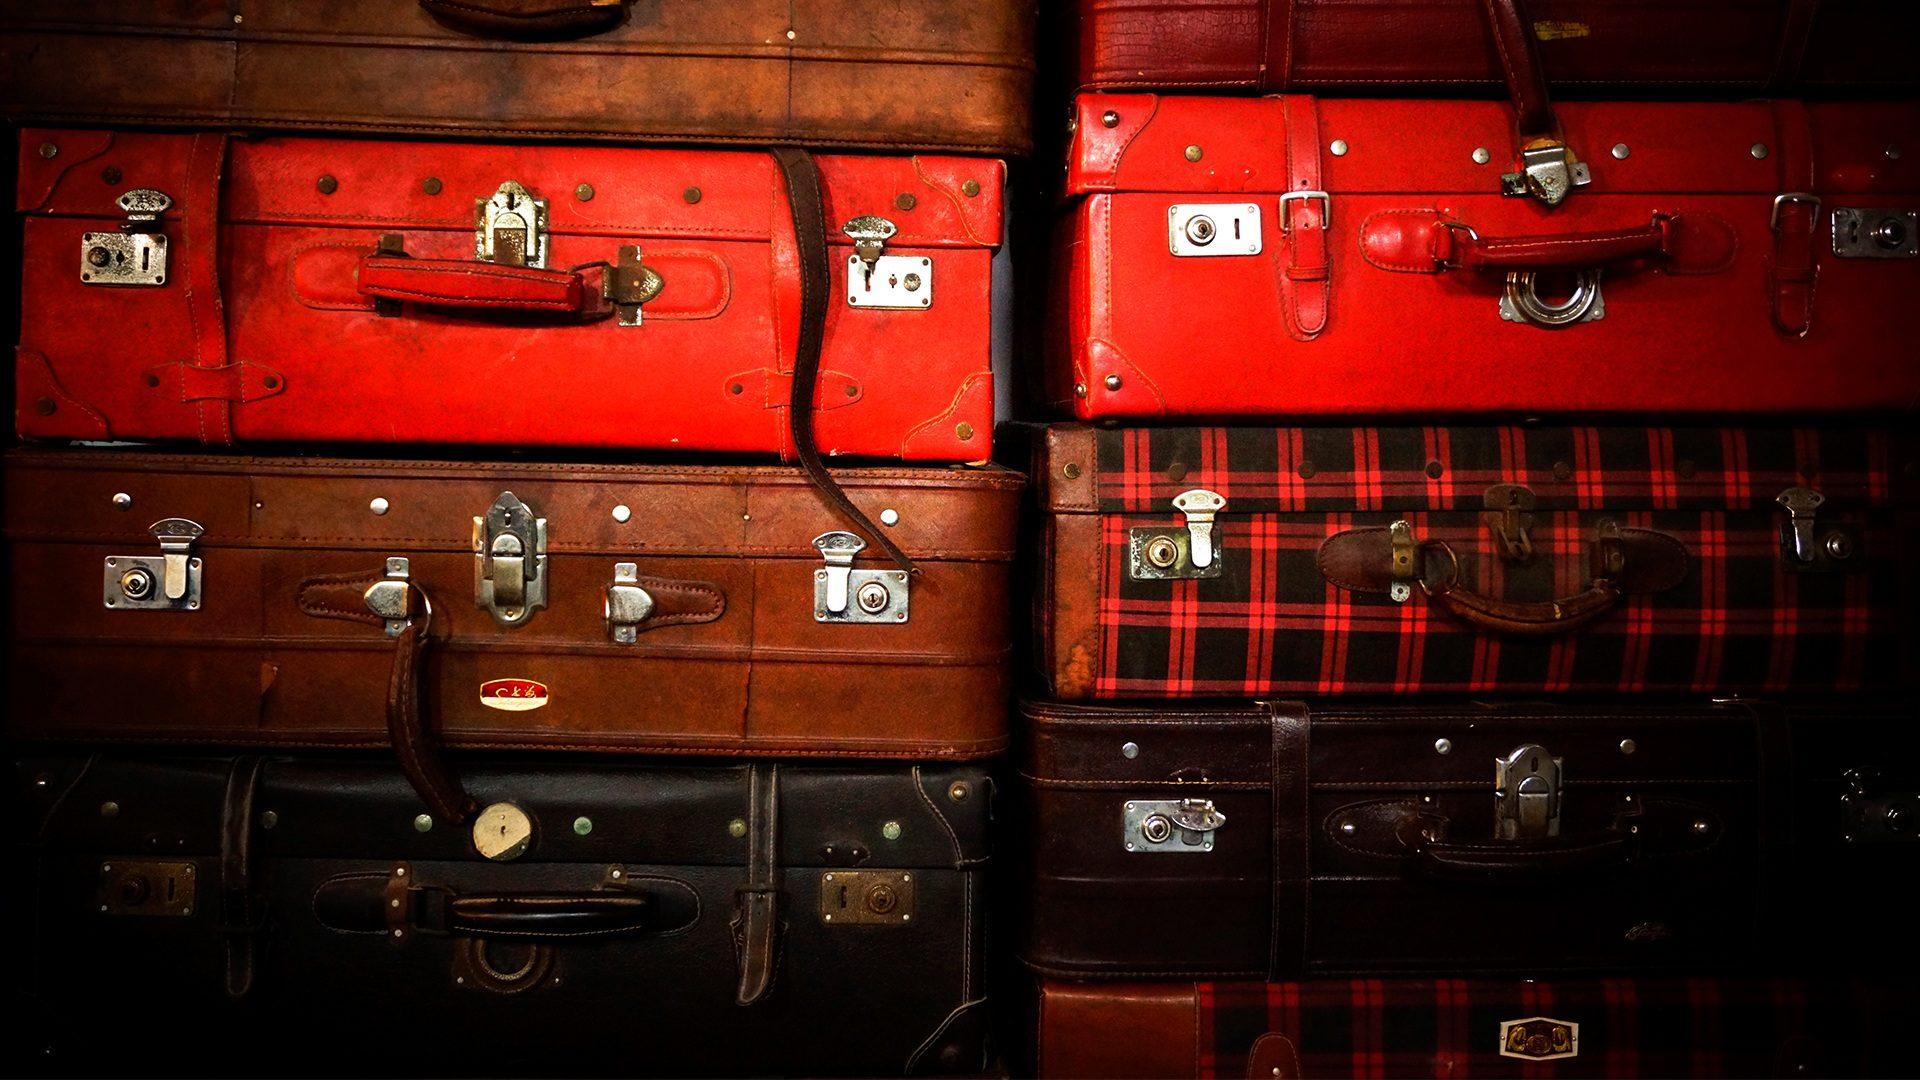 equipaje, Камера, древние, Винтаж, много, стек - Обои HD - Профессор falken.com